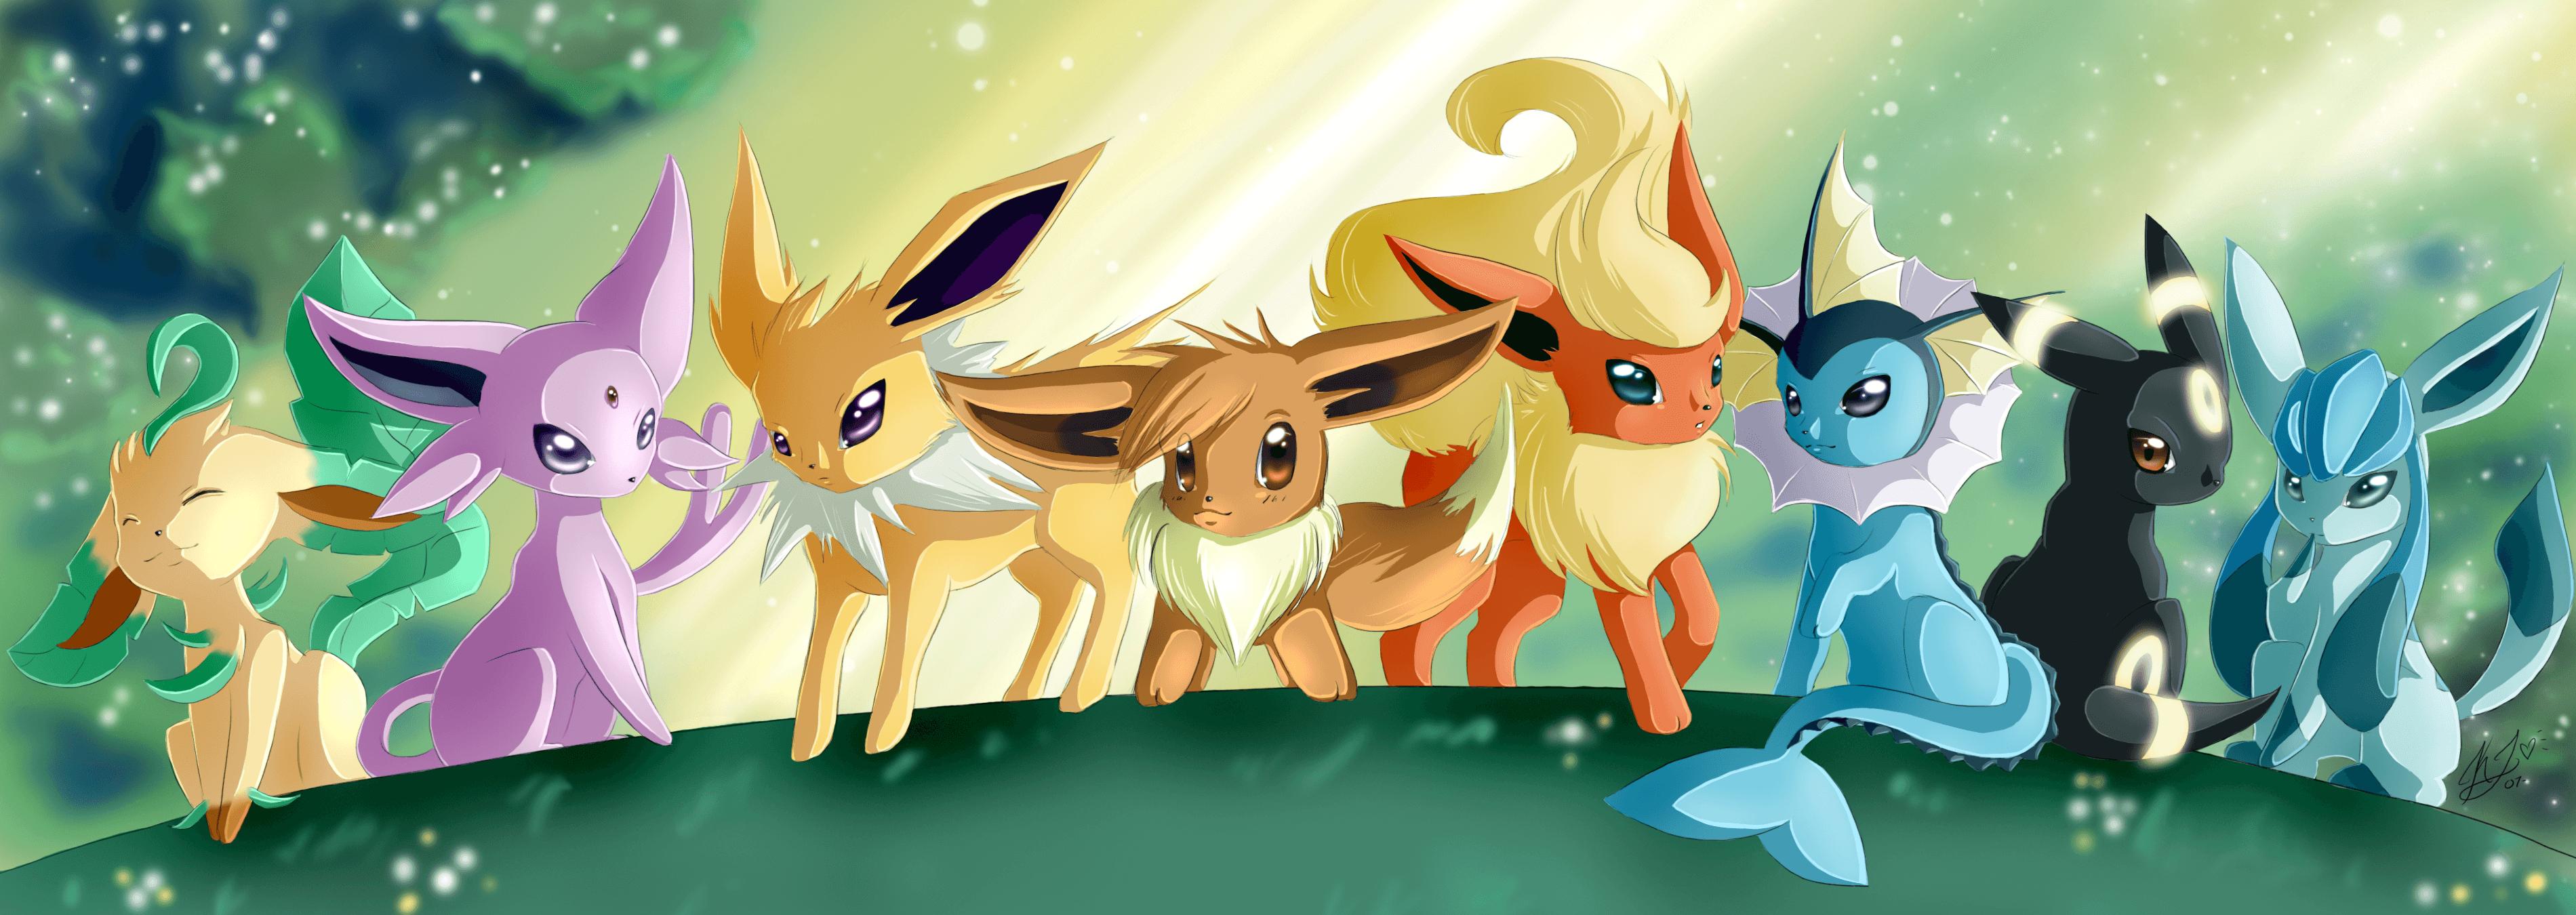 Pokemon Eevee Wallpapers Top Free Pokemon Eevee Backgrounds Wallpaperaccess